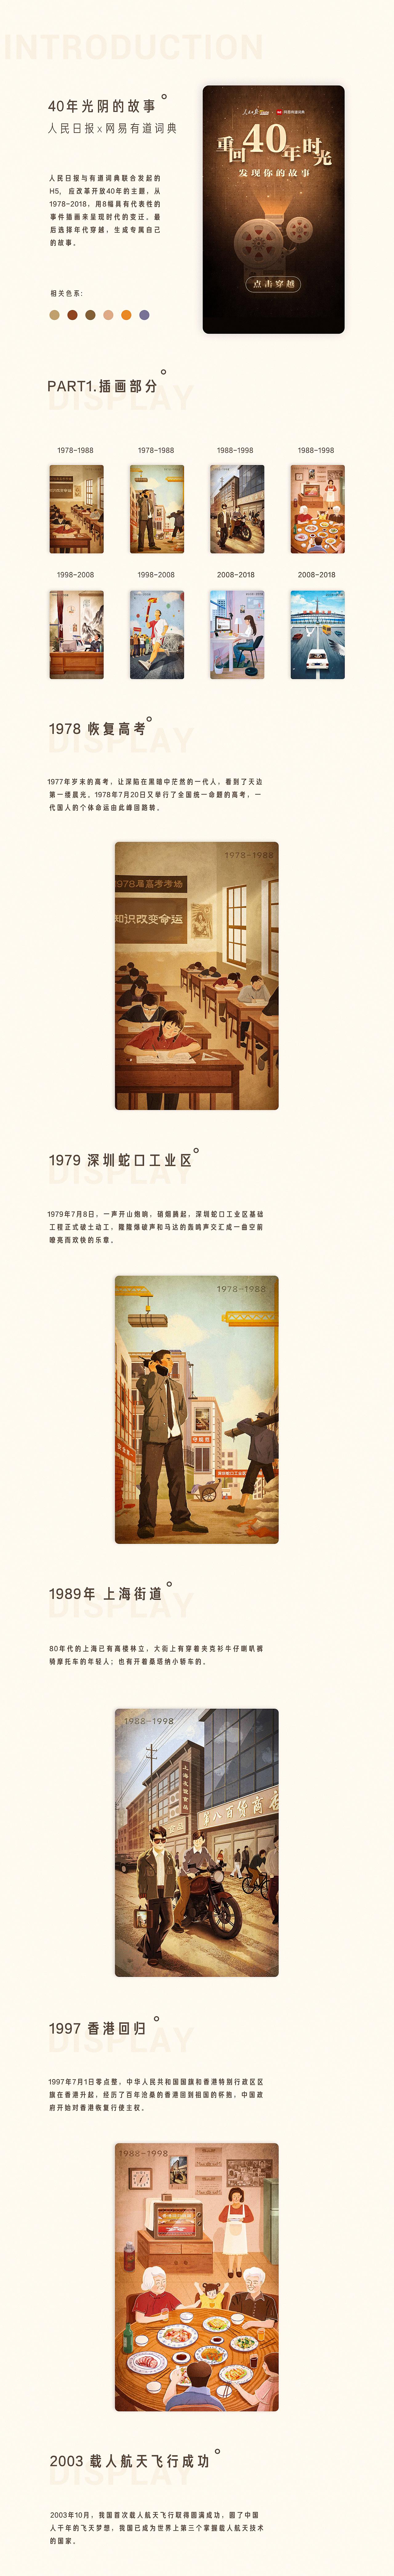 40年光阴的故事   人民日报x有道词典H5-H5素材